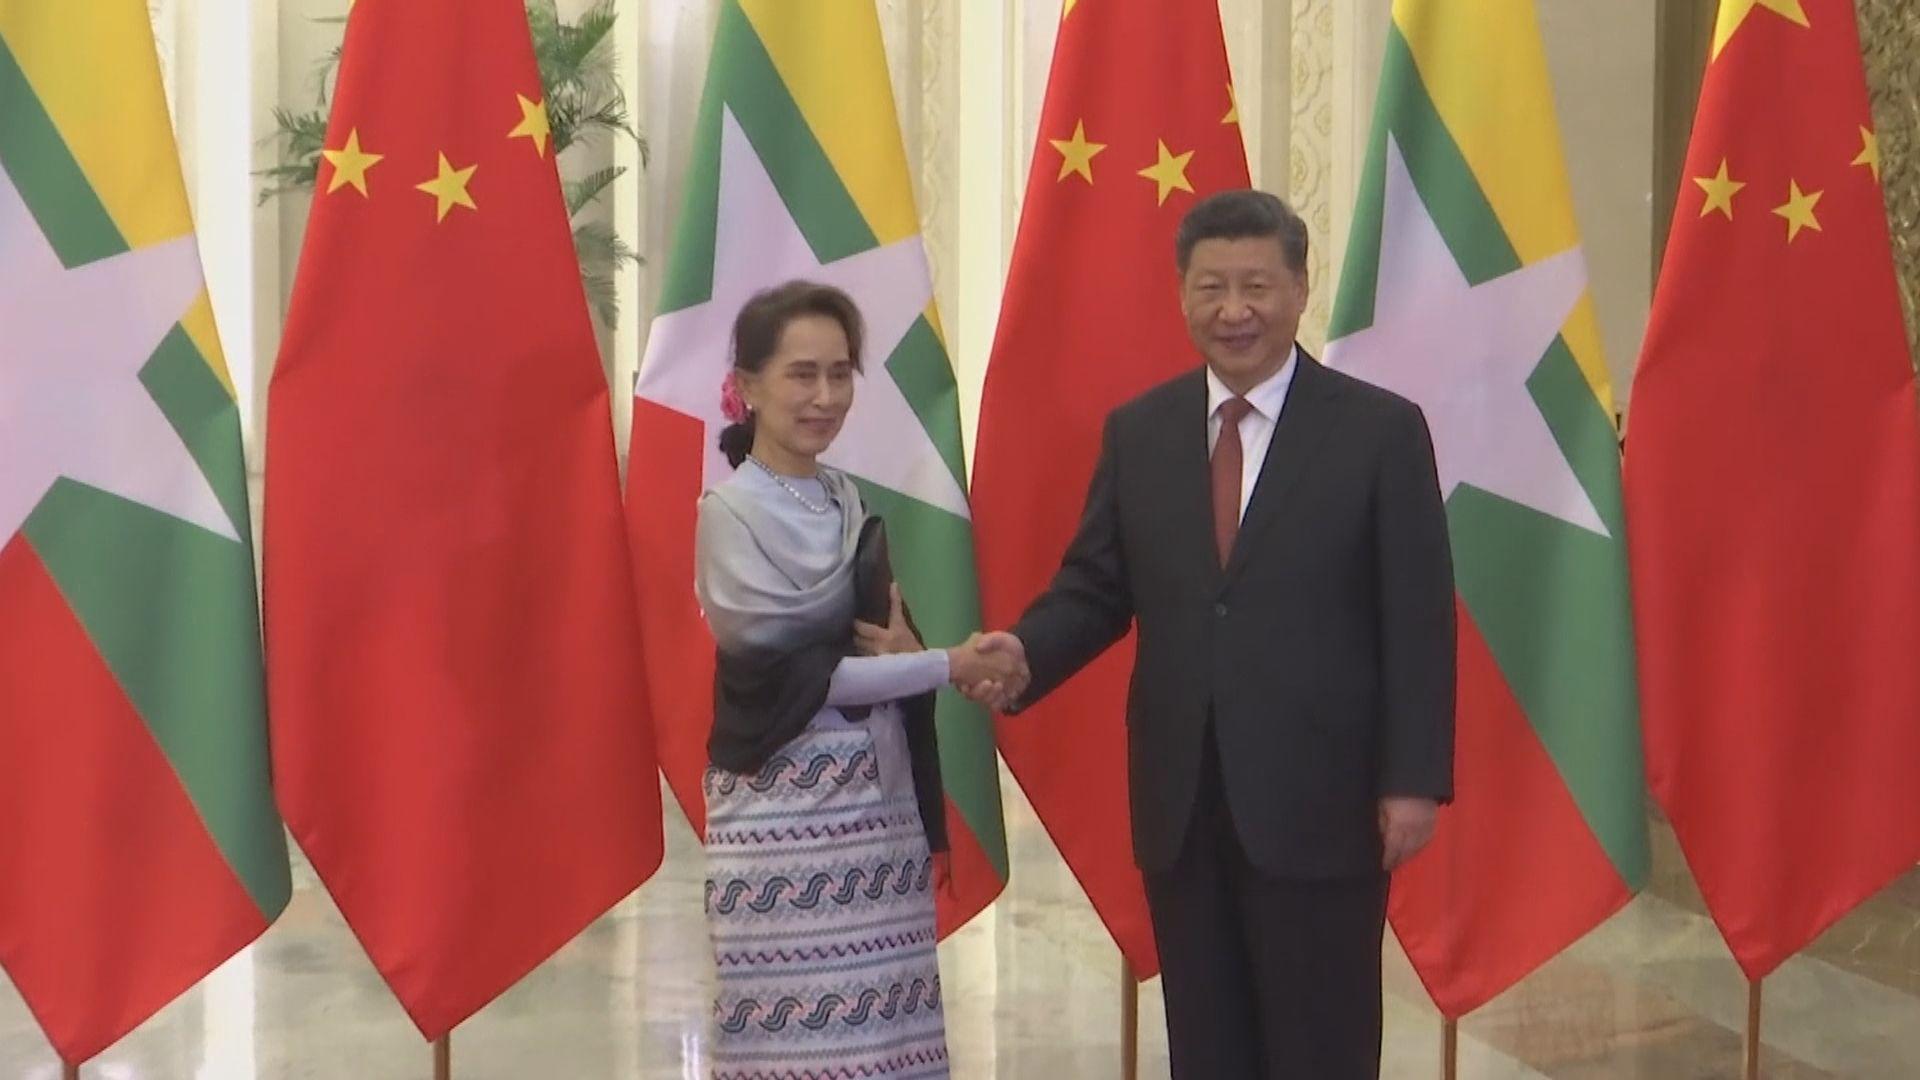 中國冀緬甸各方妥善處理分歧 歐美等國要求軍方釋放昂山素姬等人